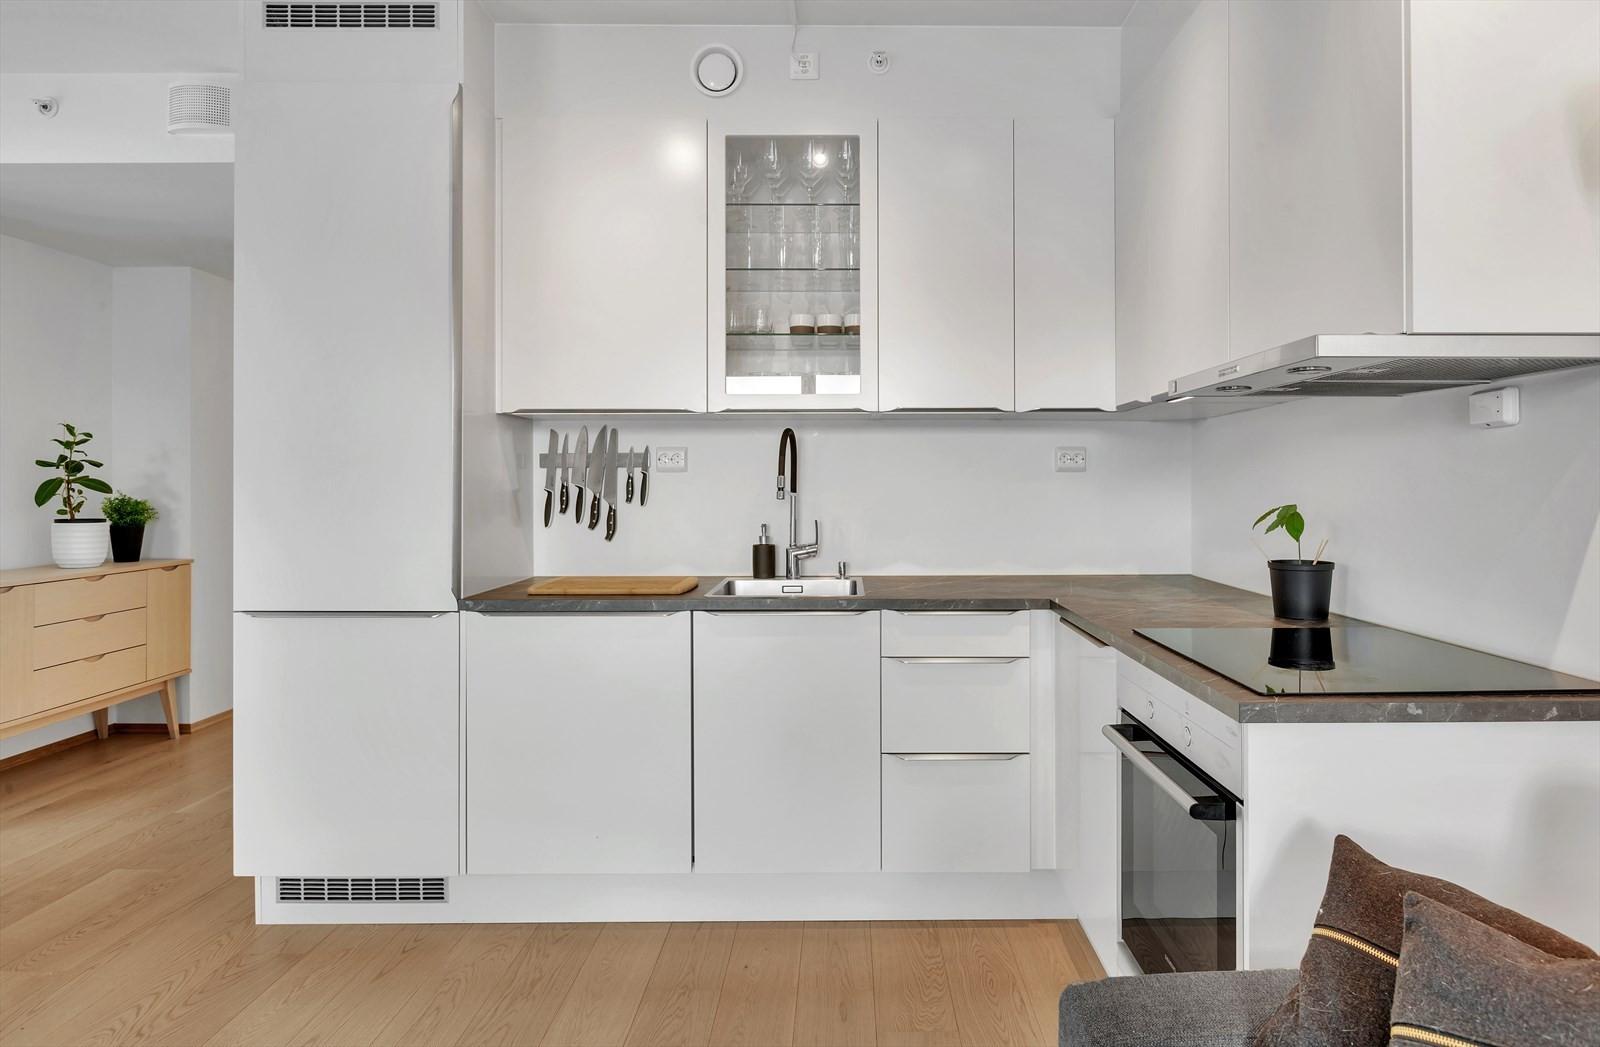 Kjøkken med integrerte hvitevarer